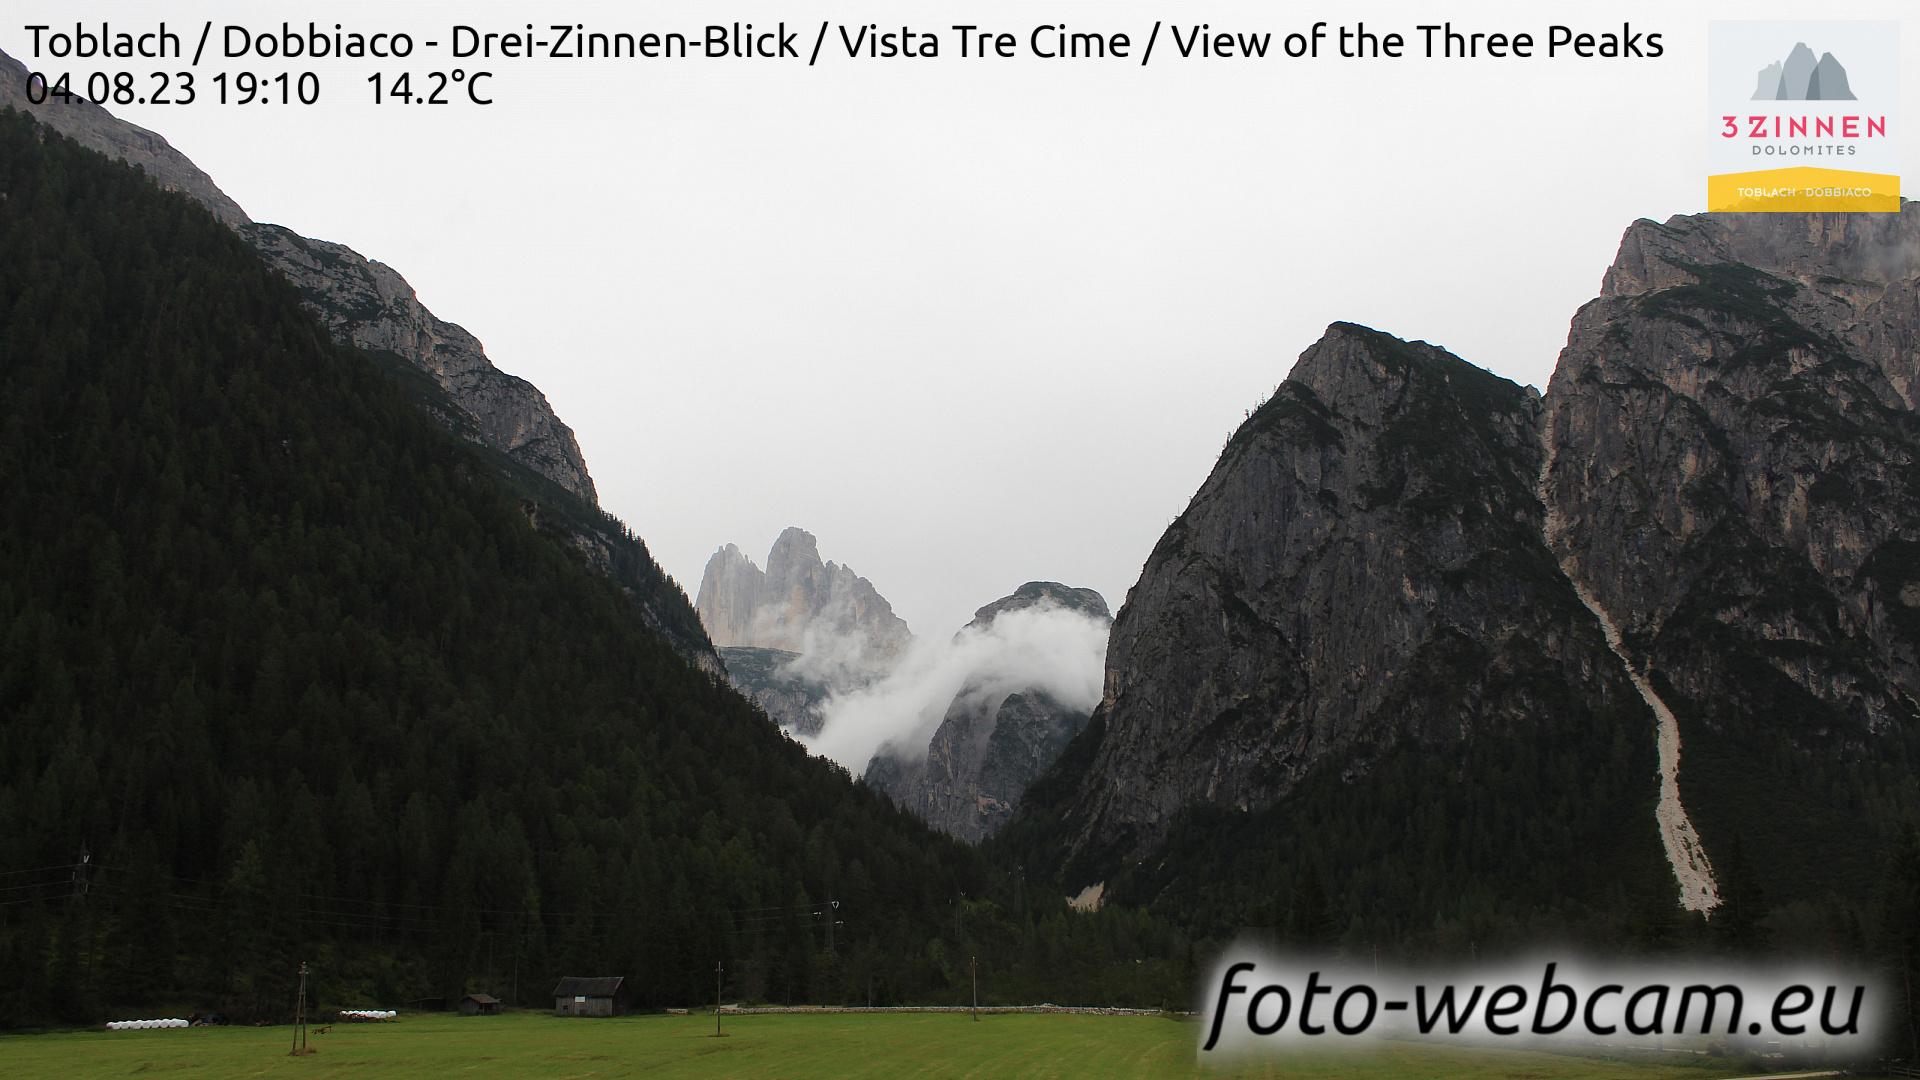 Toblach (Dolomites) Mon. 19:27